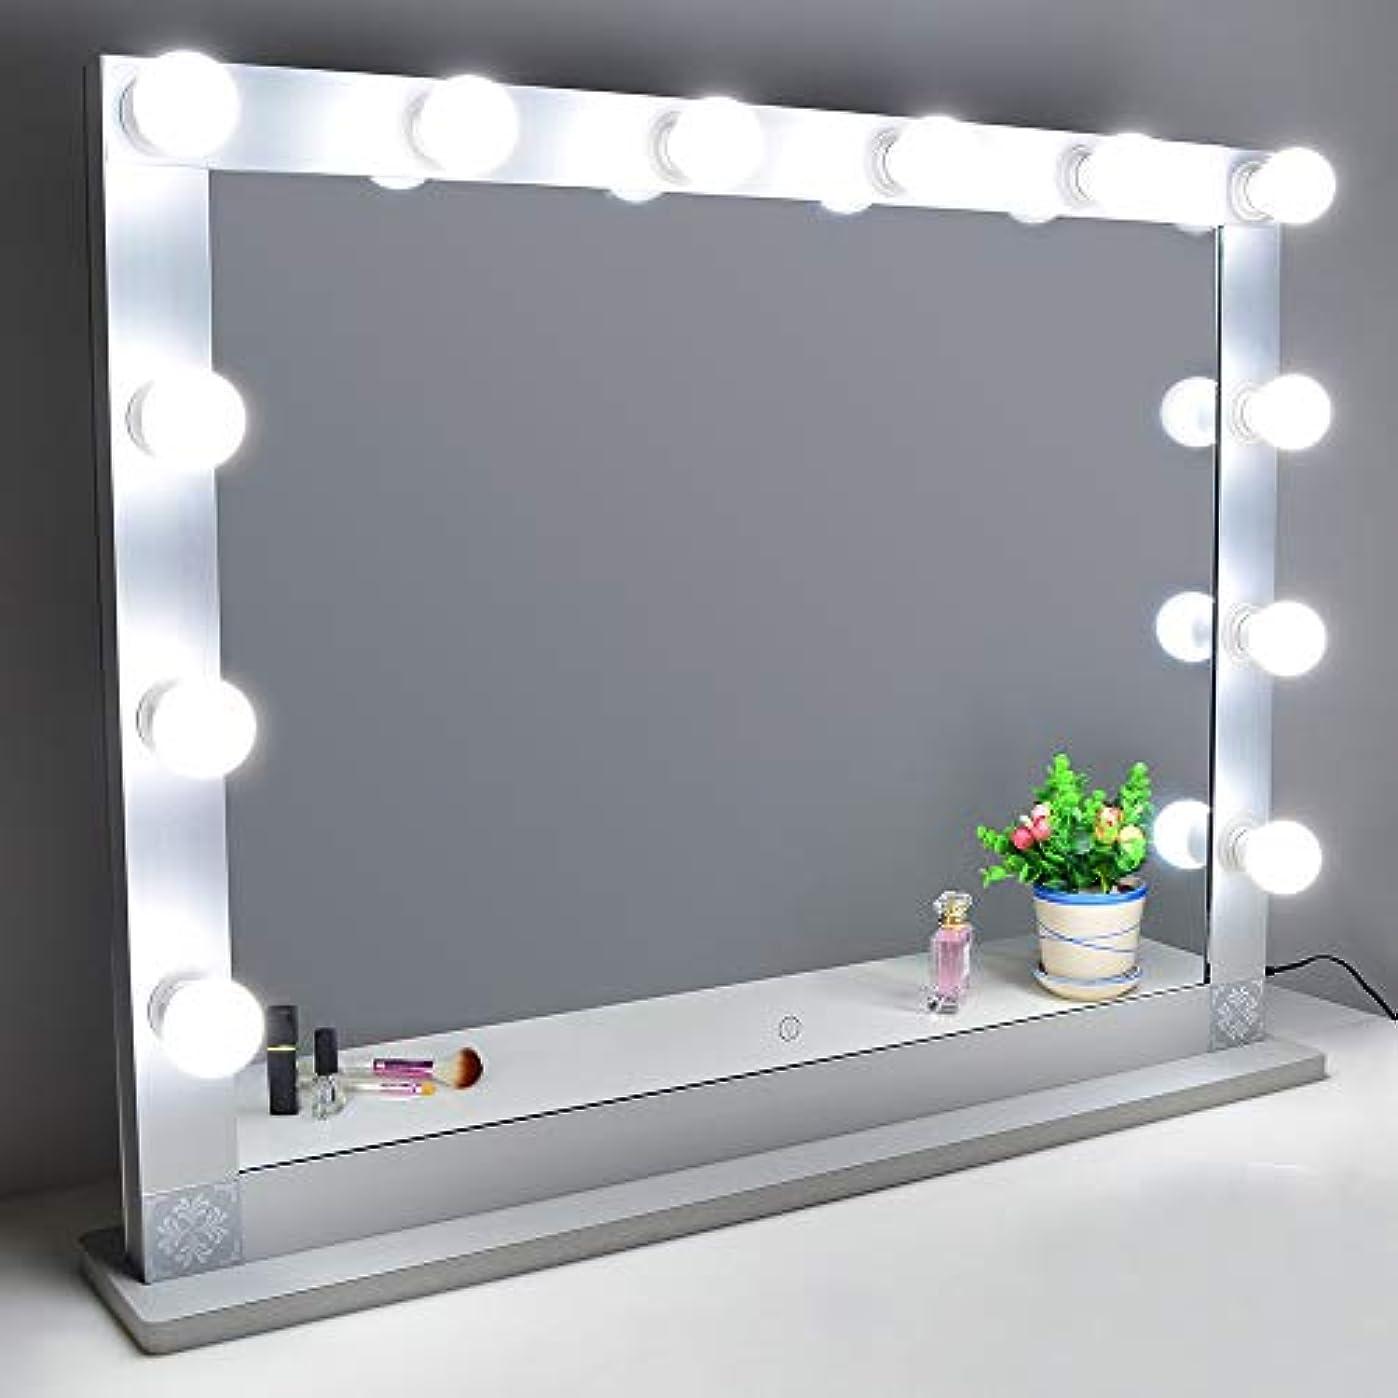 攻撃の面では確認Nitin 女優ミラー 大型化粧鏡 ハリウッドミラー 12個LED電球付き 無段階調光 スタンド付き USB差込口付き 卓上ミラー 女優ライト ドレッサー/化粧台に適用(85*66.5cm)